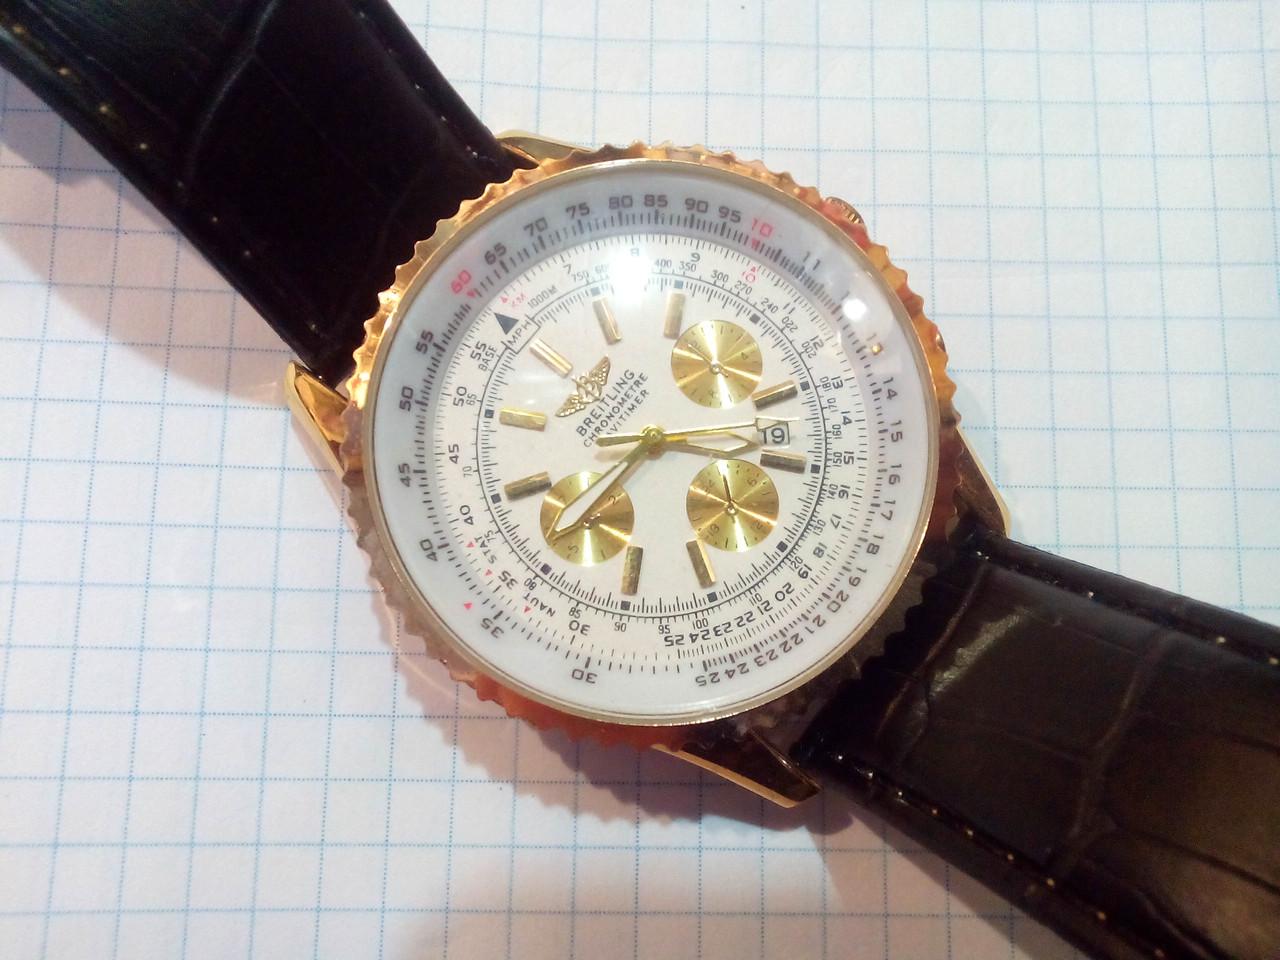 e1c6a353 Мужские часы Breitling Navitimer A27362 (2151192) золотистые с белым  циферблатом с календарем копия -